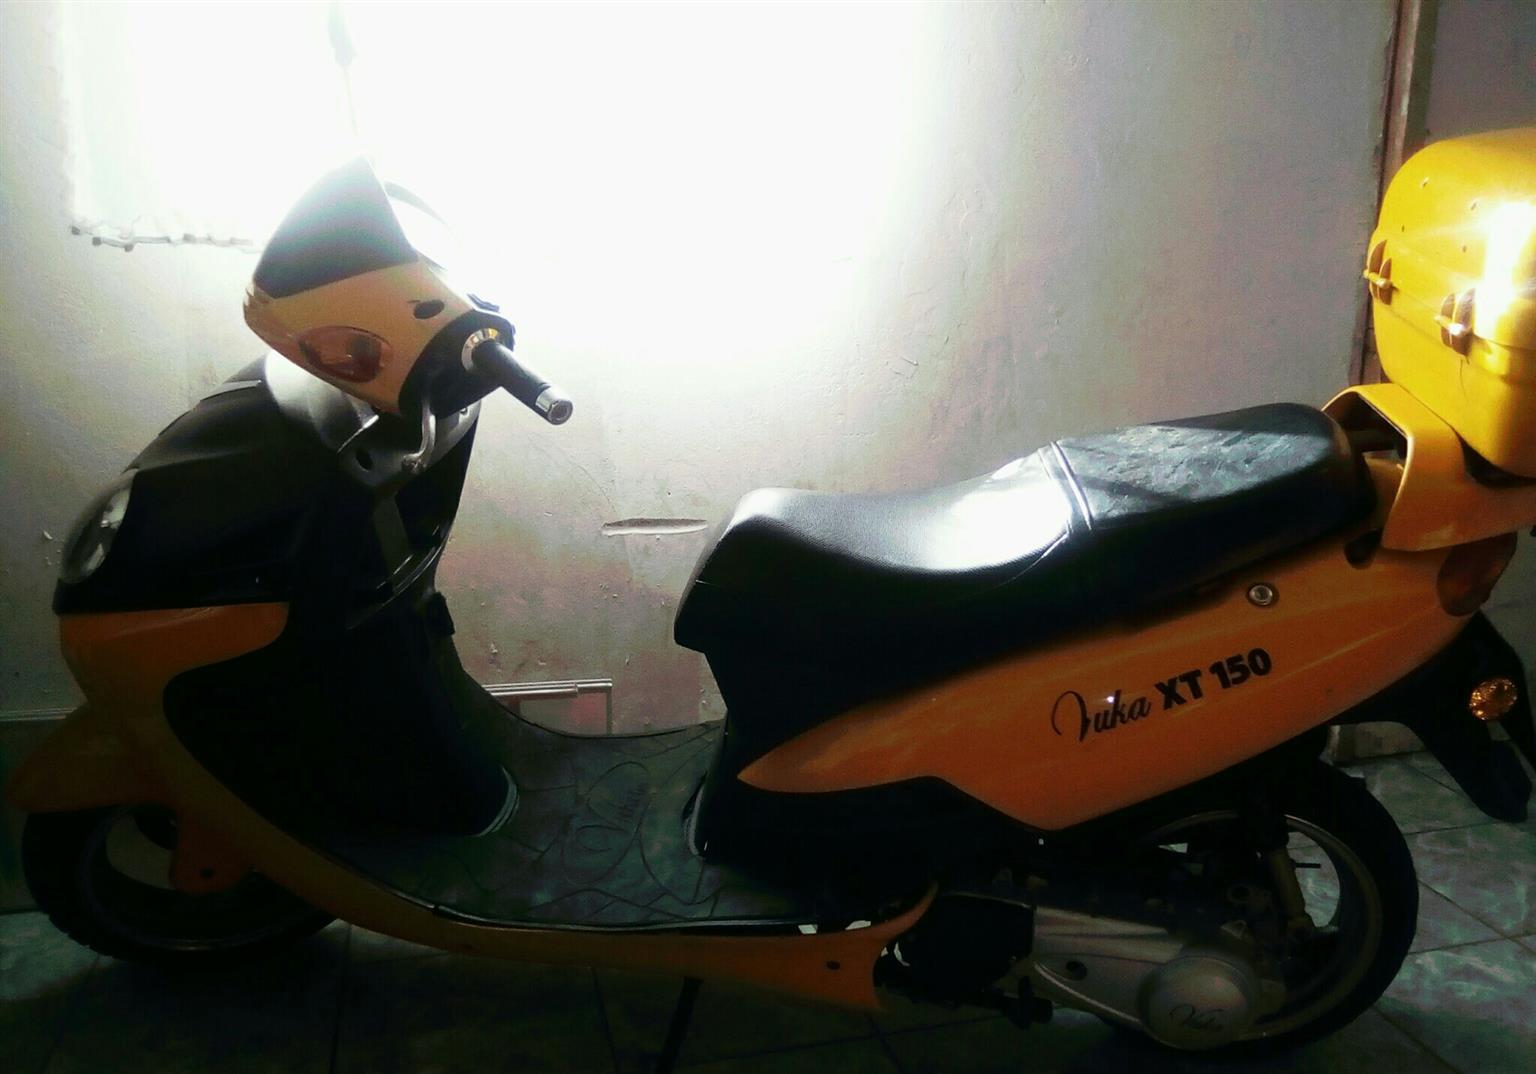 2012 Vuka TM200